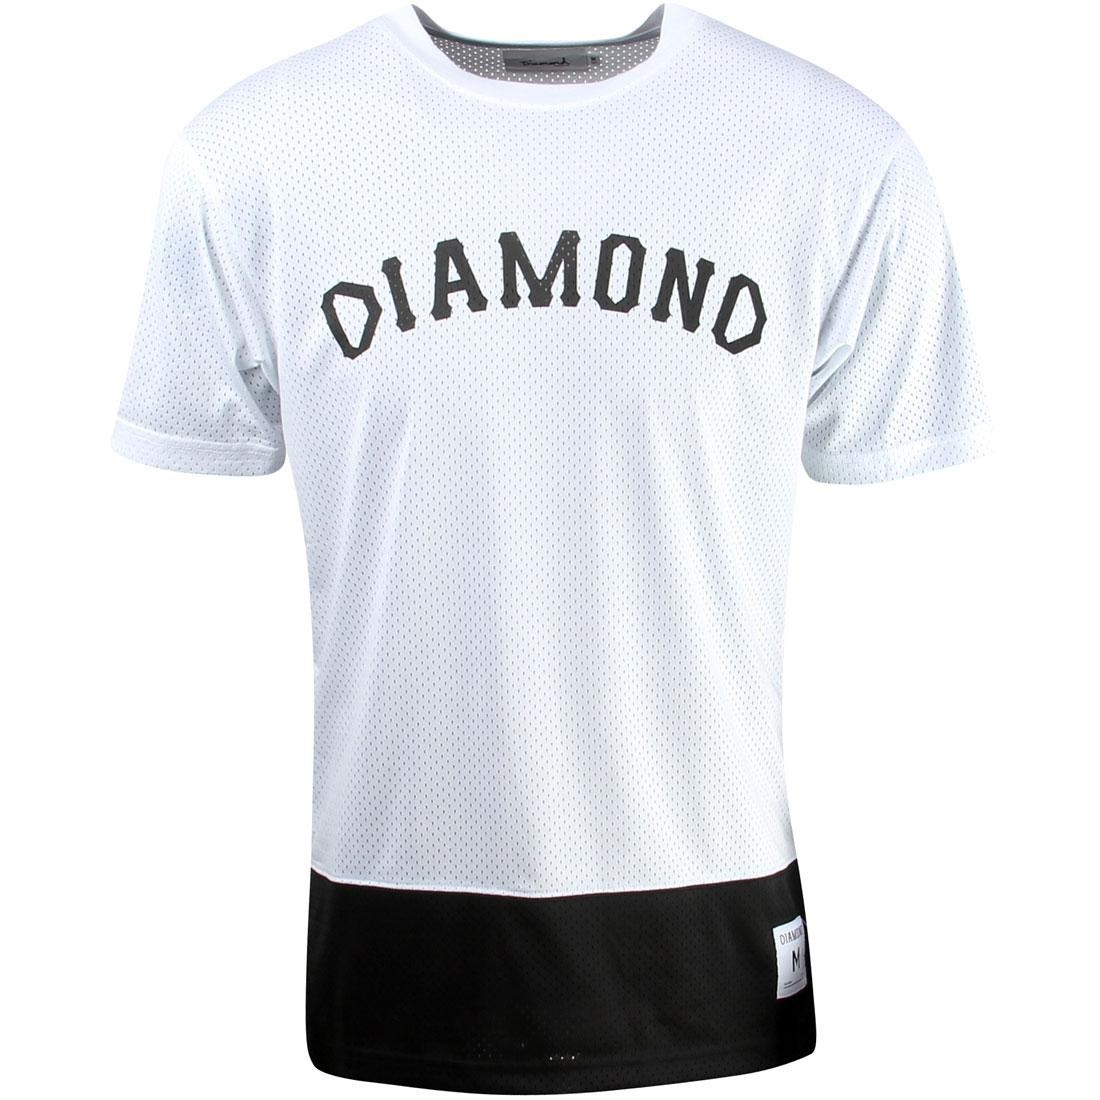 ダイヤモンドサプライ DIAMOND SUPPLY CO ダイヤモンド サプライ Tシャツ 白 ホワイト 【 SUPPLY WHITE DIAMOND CO MEN ARCH MESH TEE 】 メンズファッション トップス Tシャツ カットソー